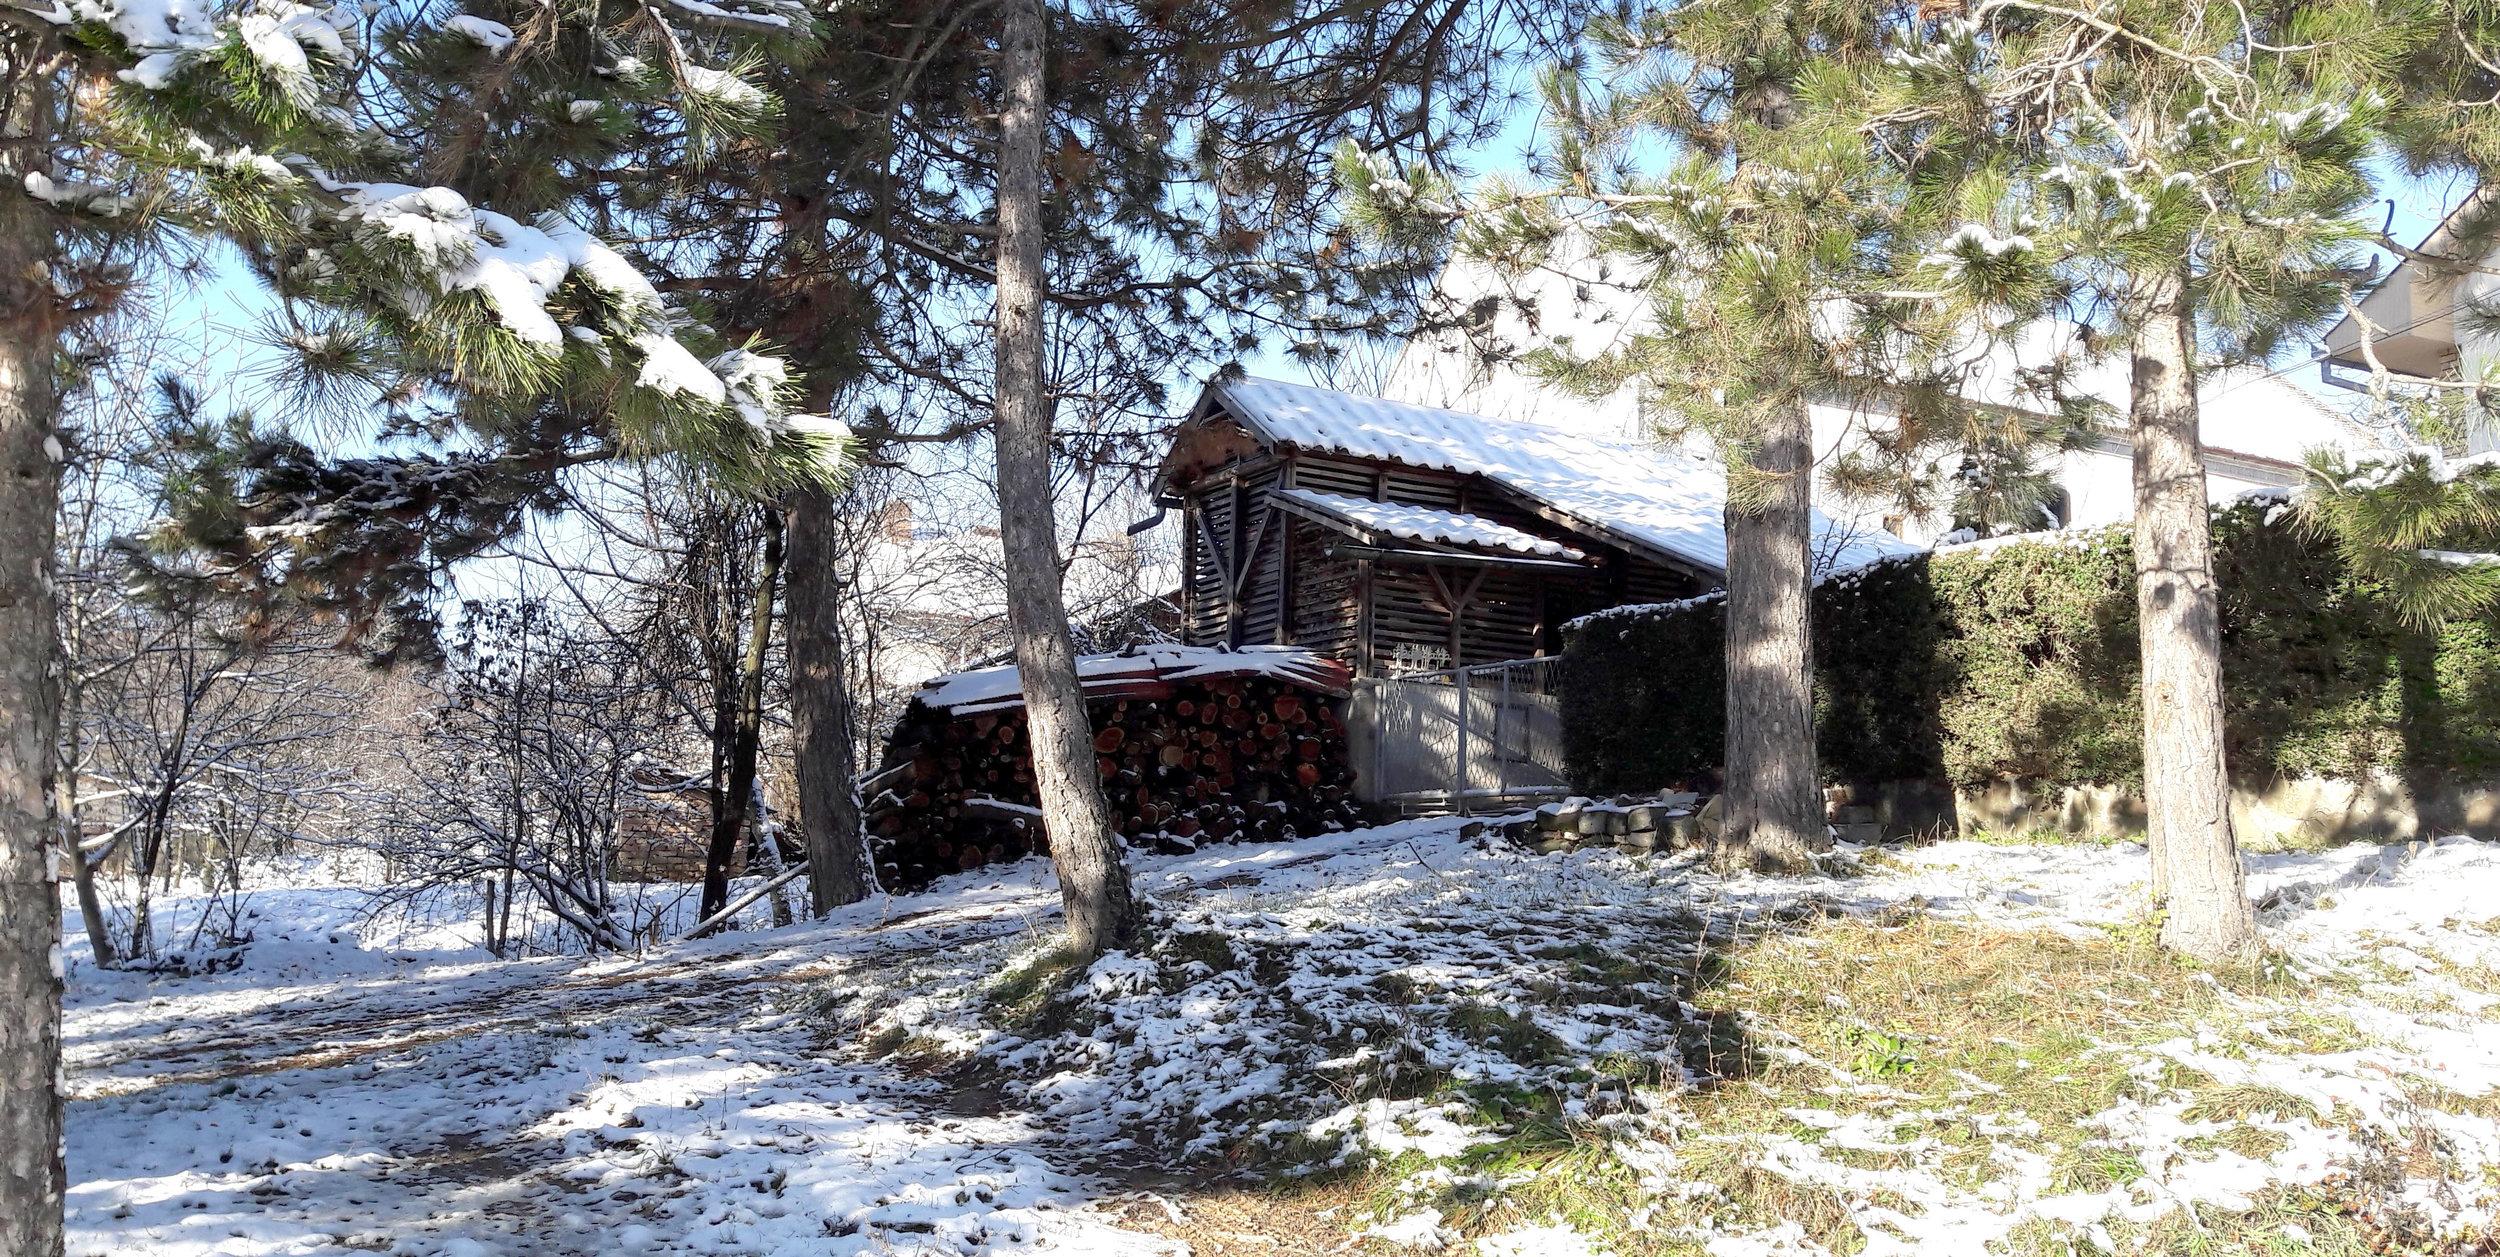 Near the disused coal mine in Vrdnik